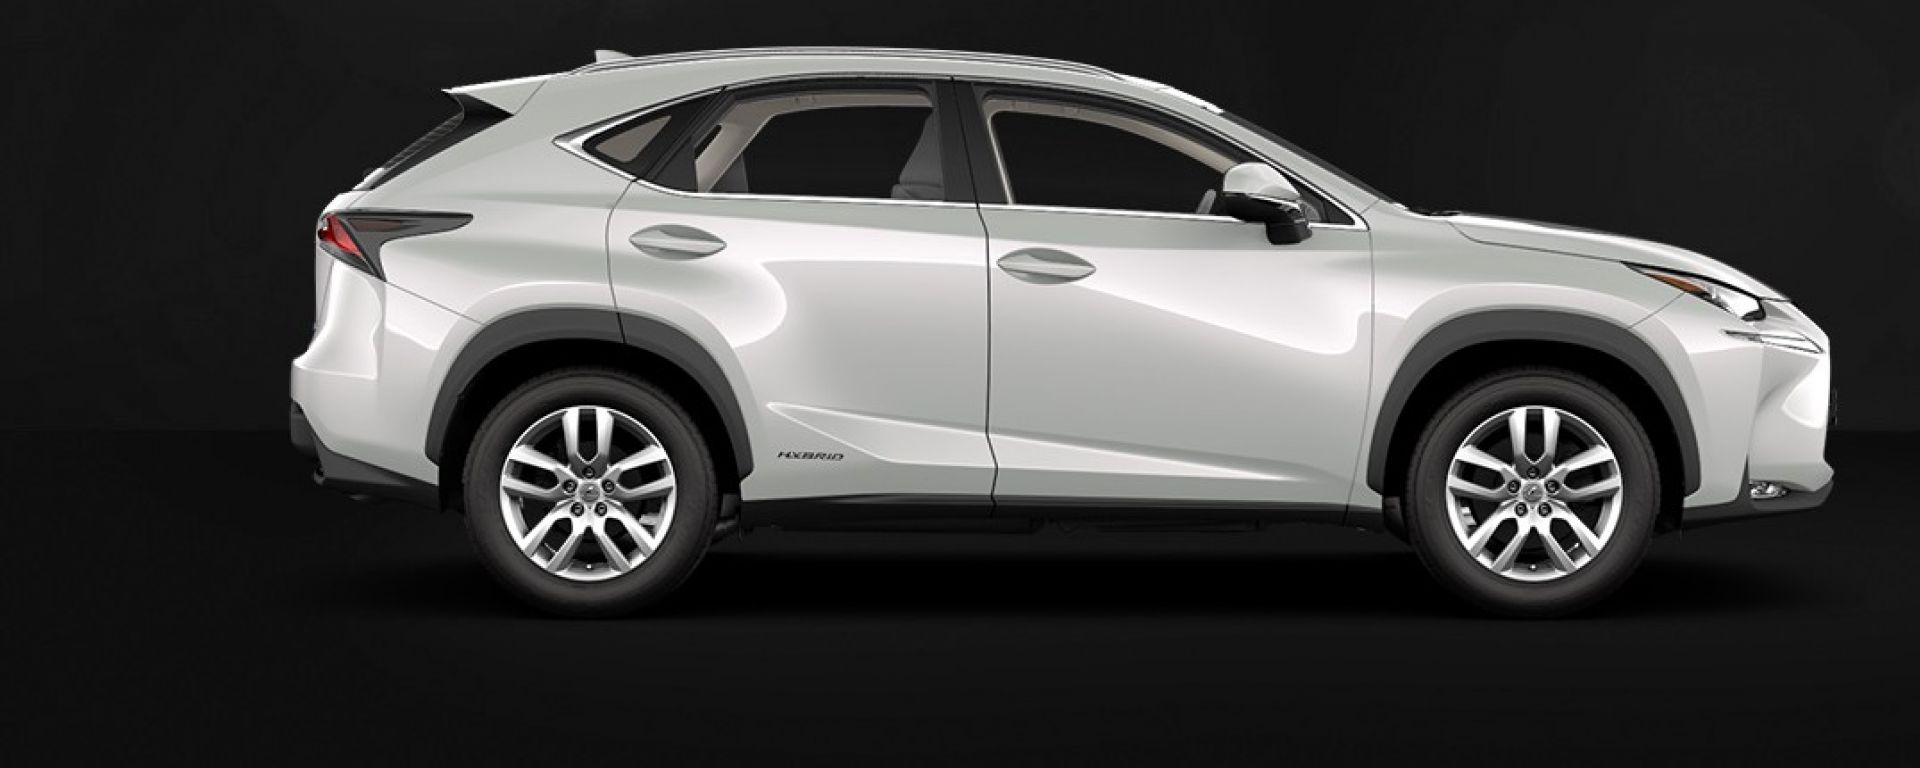 Lexus NX Hybrid Icon: nuovo allestimento per il crossover ibrido giapponese